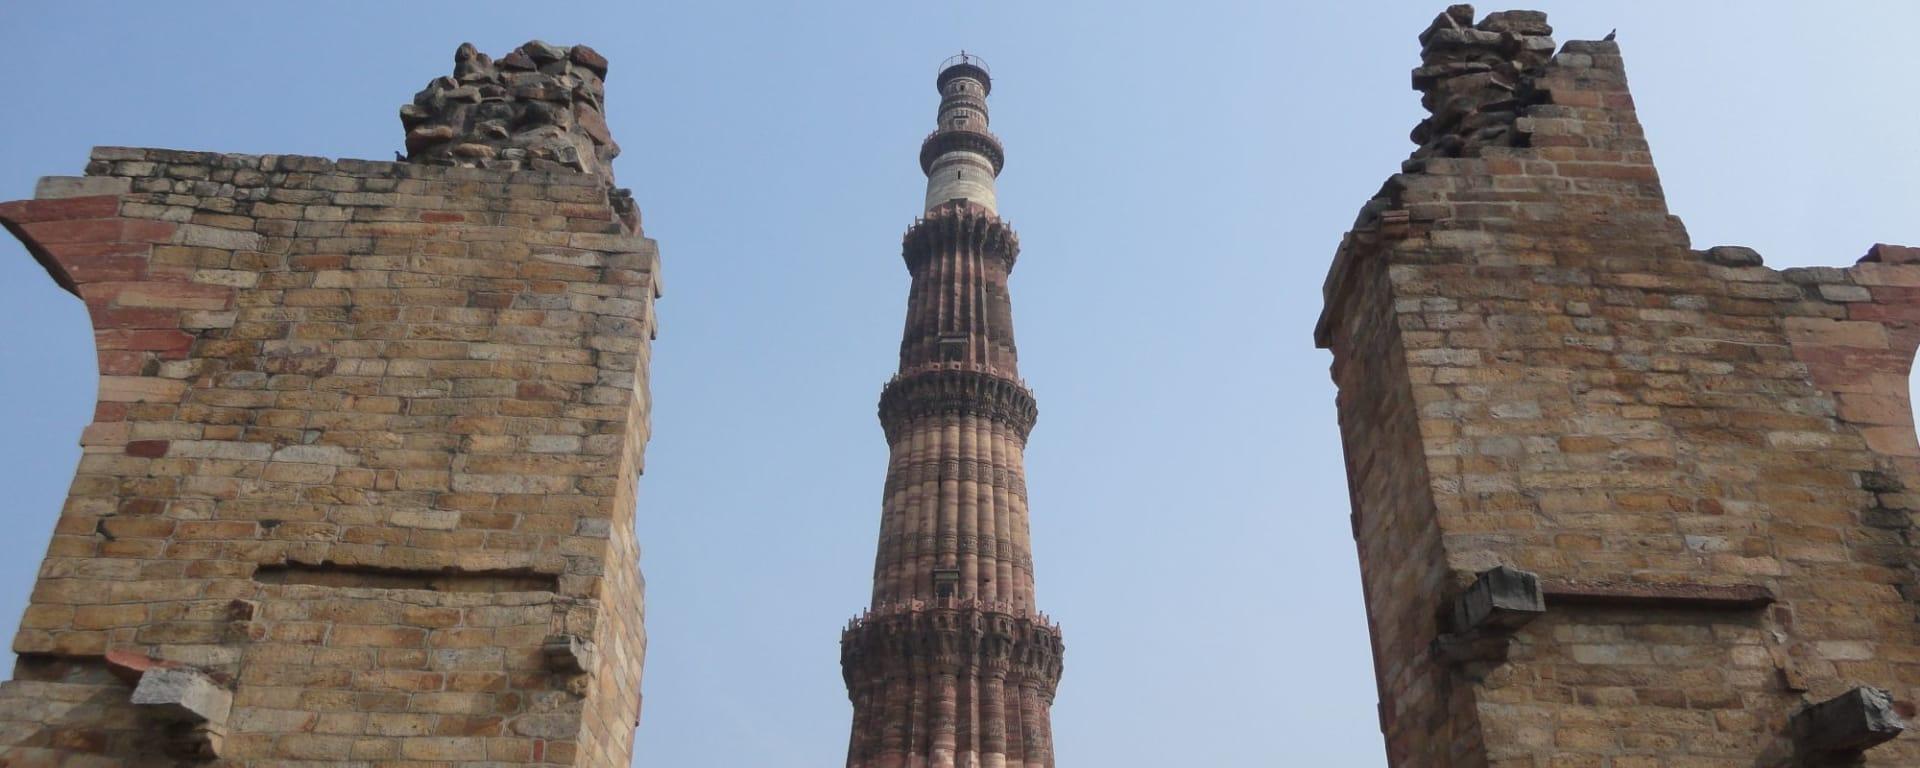 Neu-Delhi: Qutab Minar